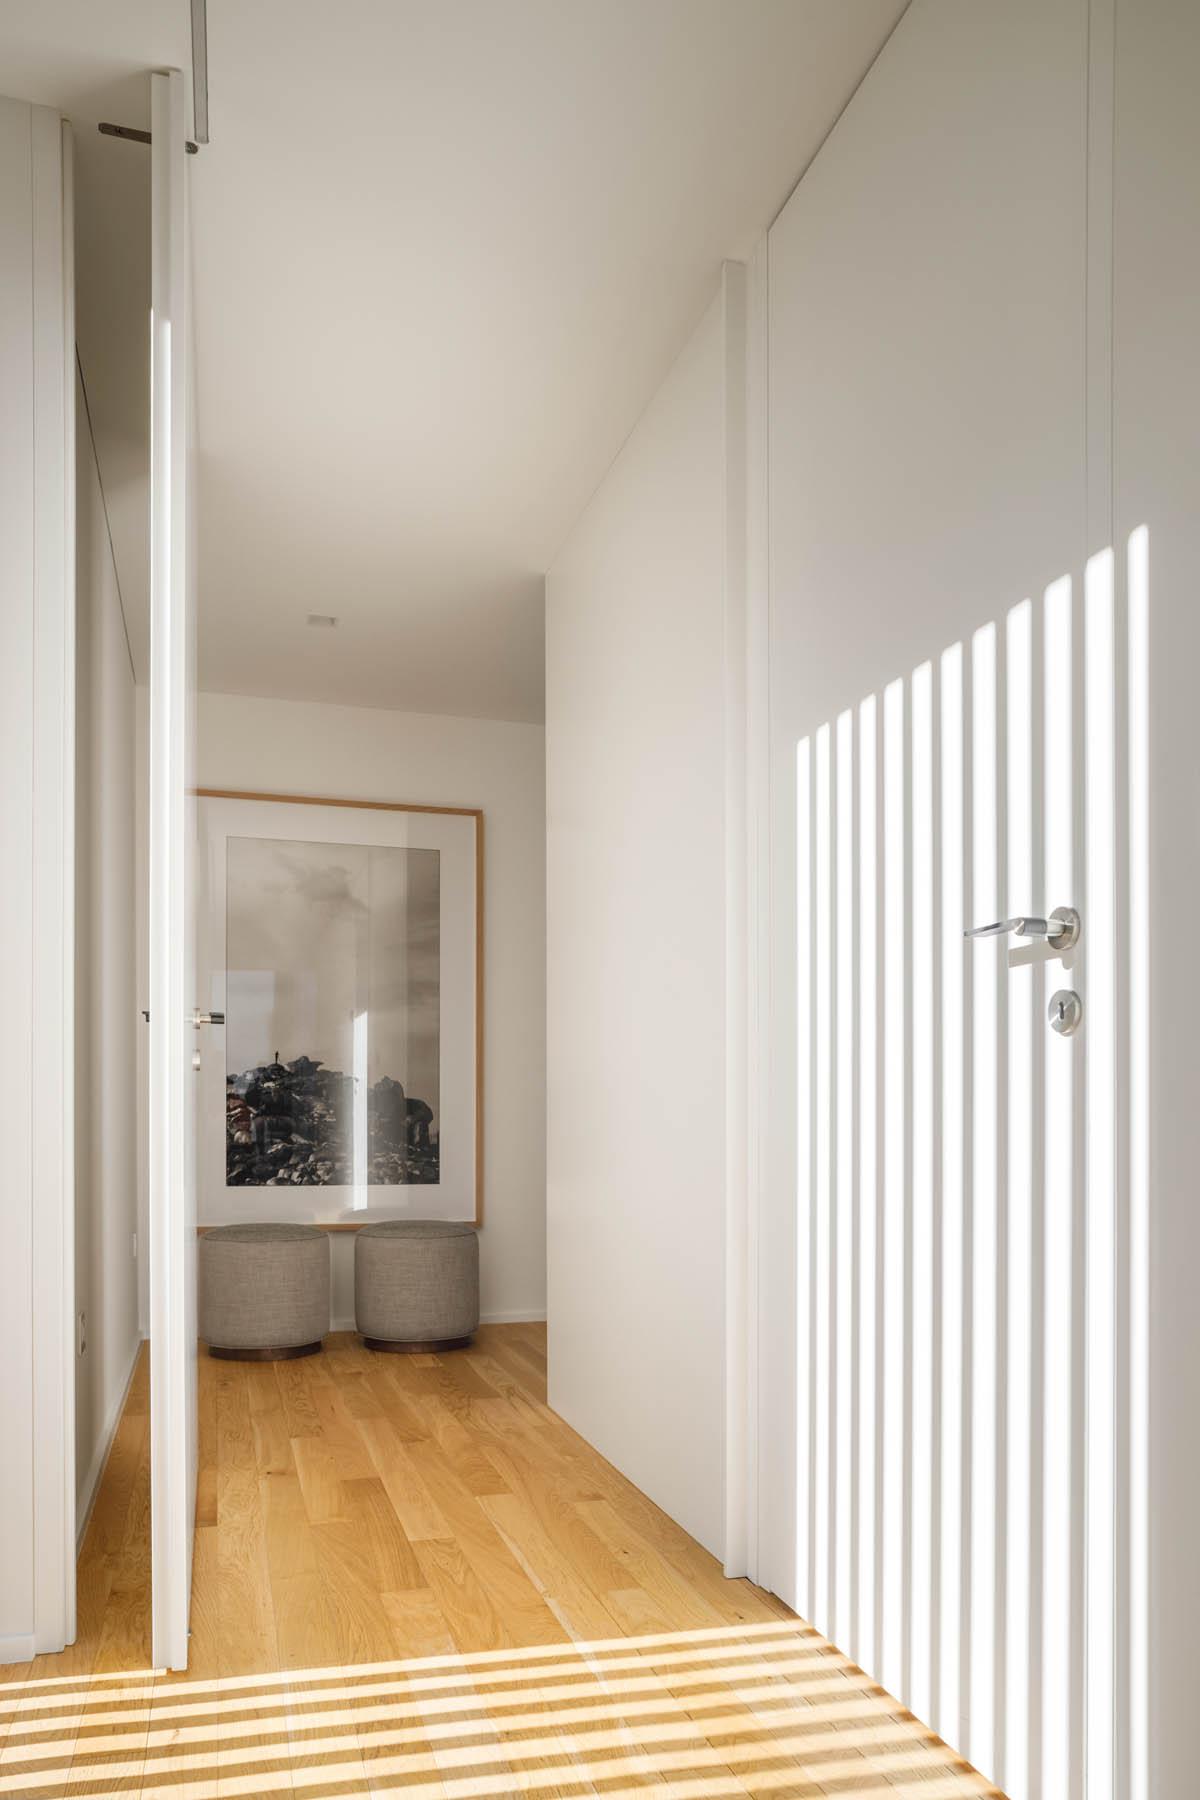 Casa em St Tirso do atelier de arquitectura Hous3 e com fotograf